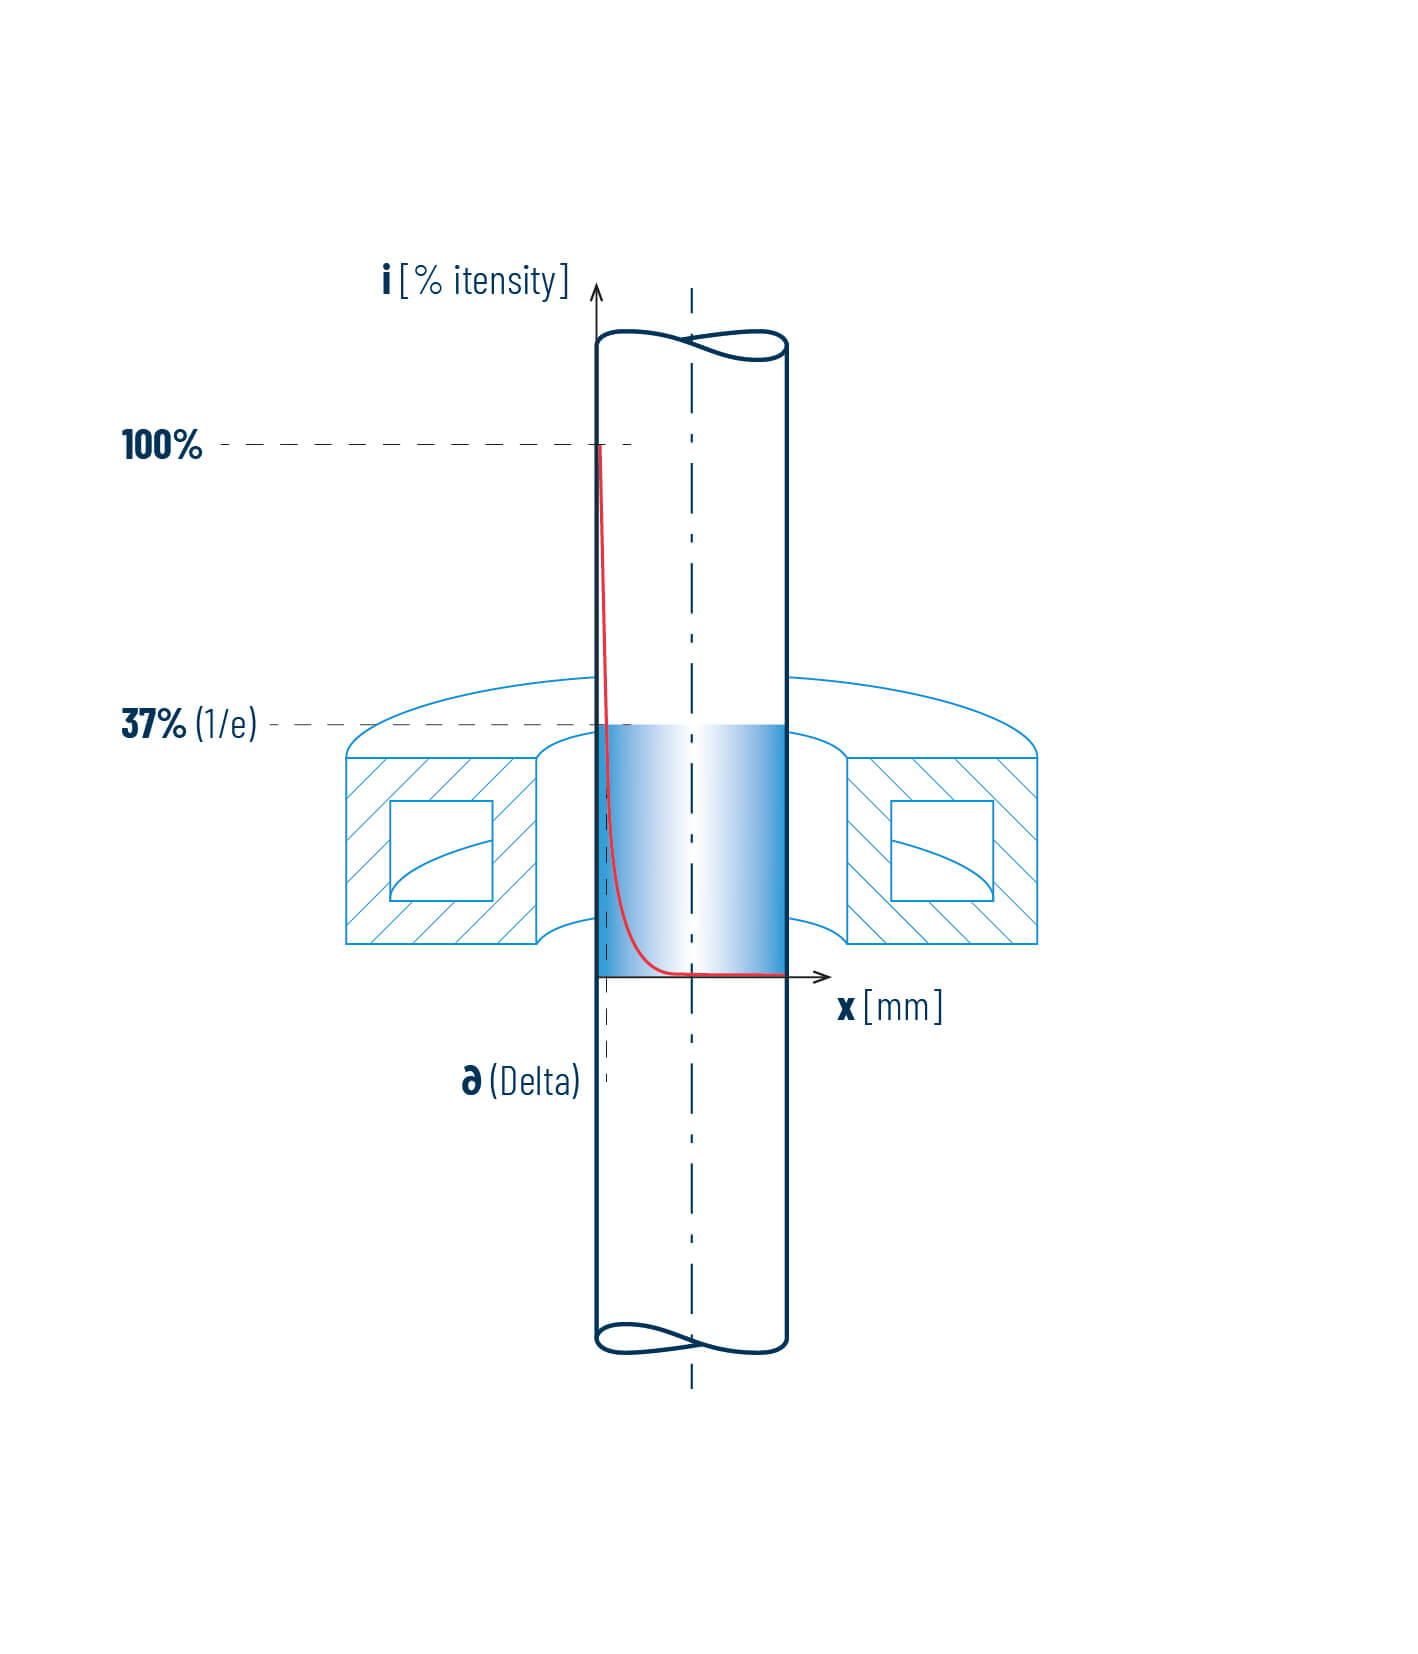 Grafik zur Darstellung der Stromeindringtiefe